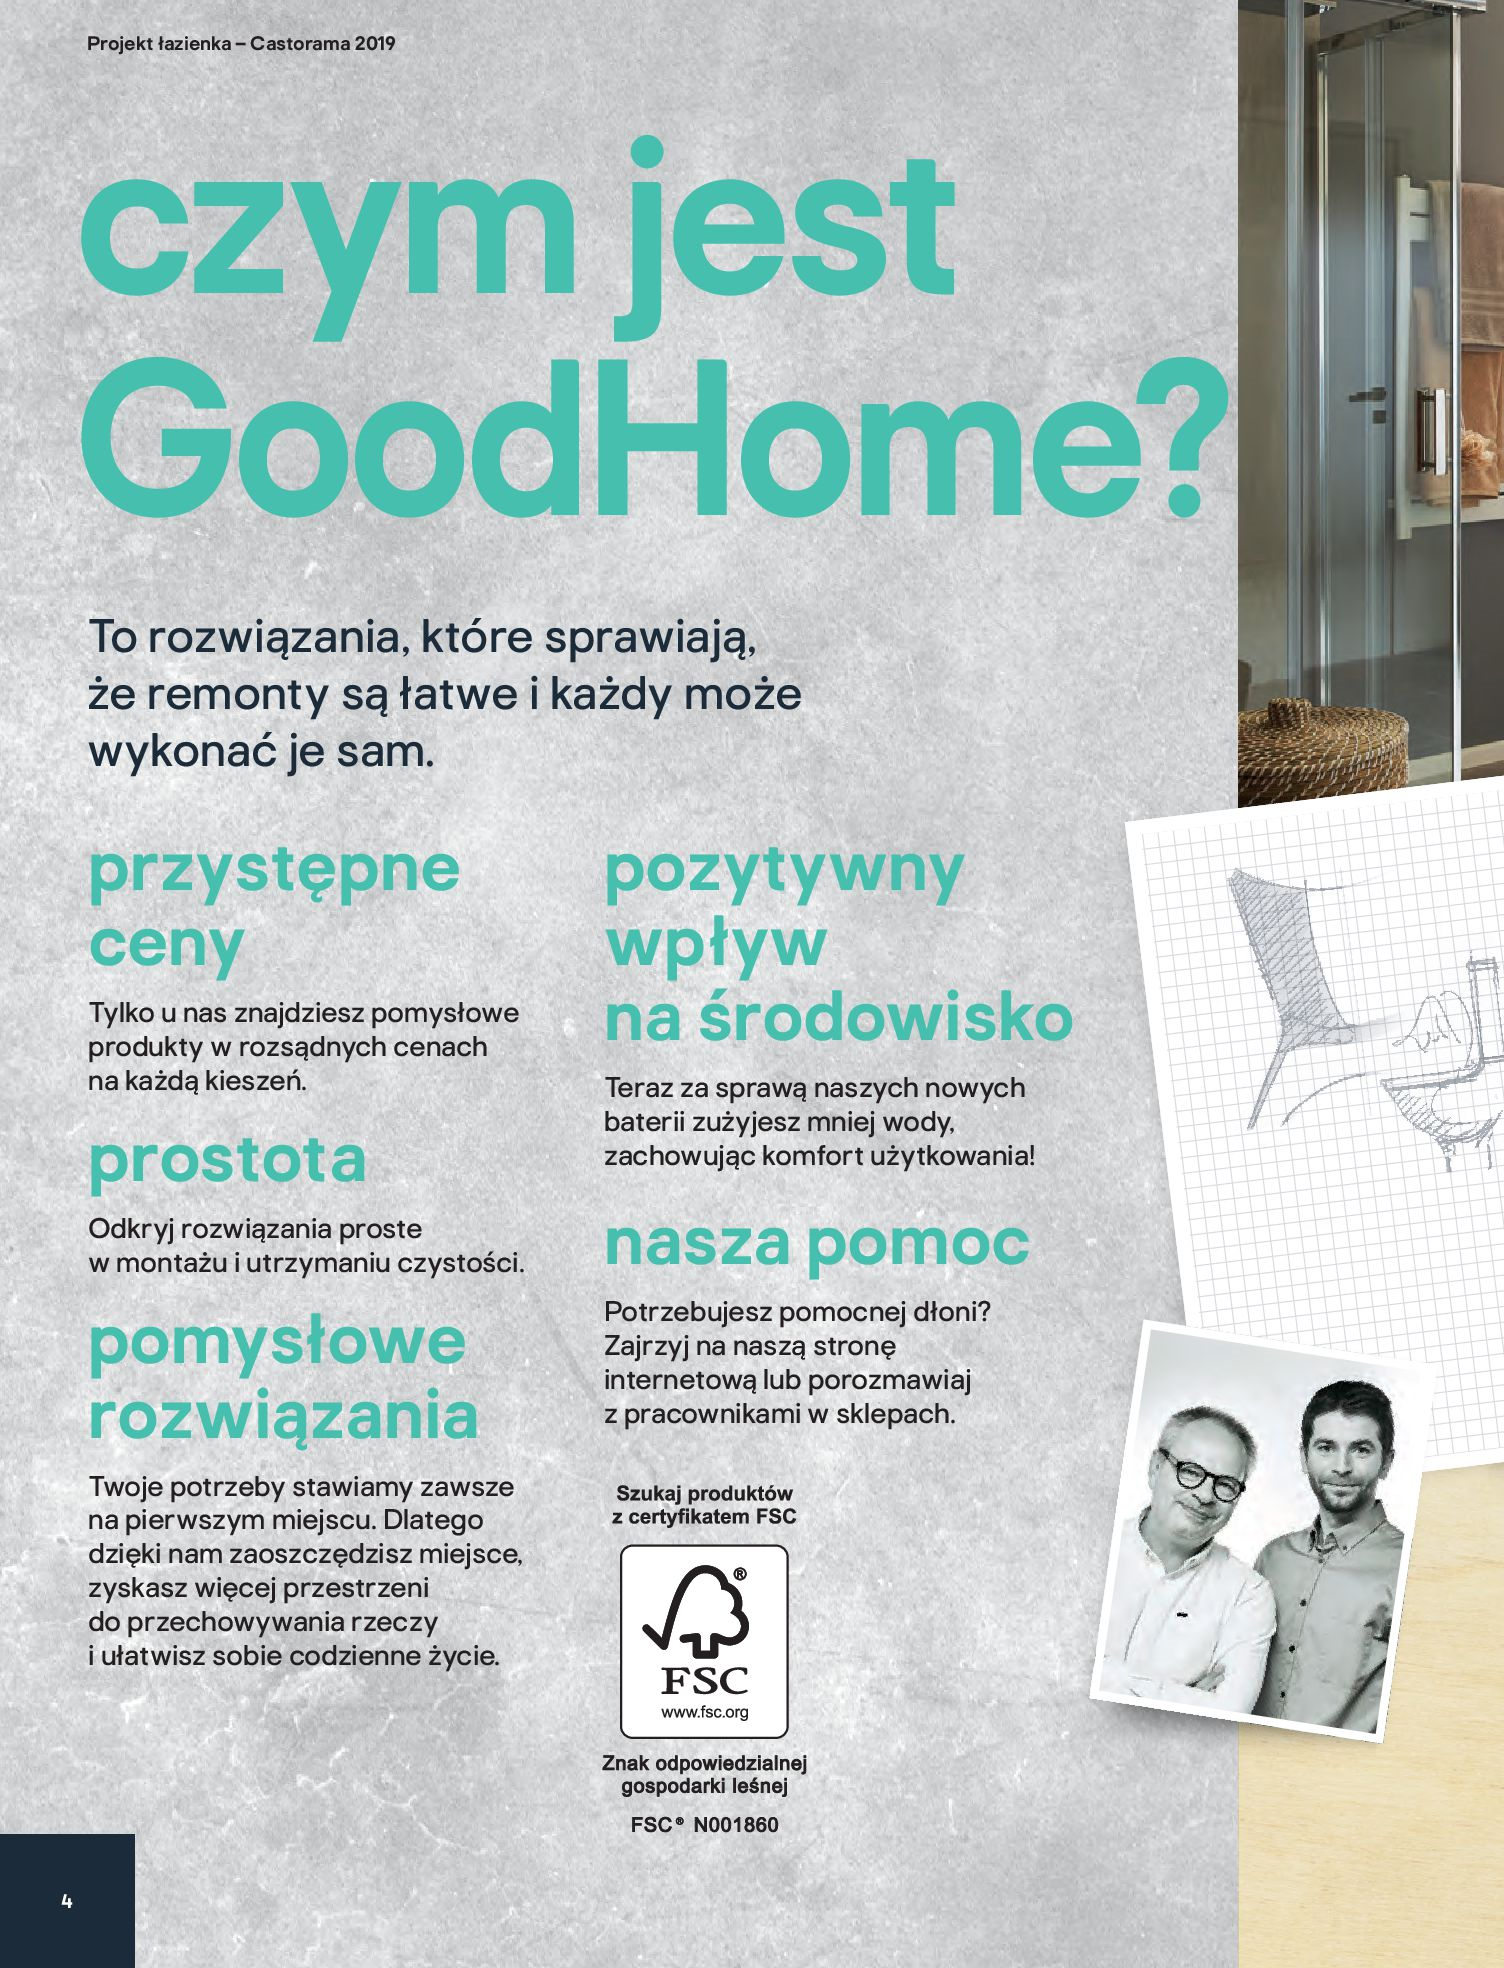 Gazetka Castorama - Katalog łazienki 2019-08.07.2019-31.12.2019-page-